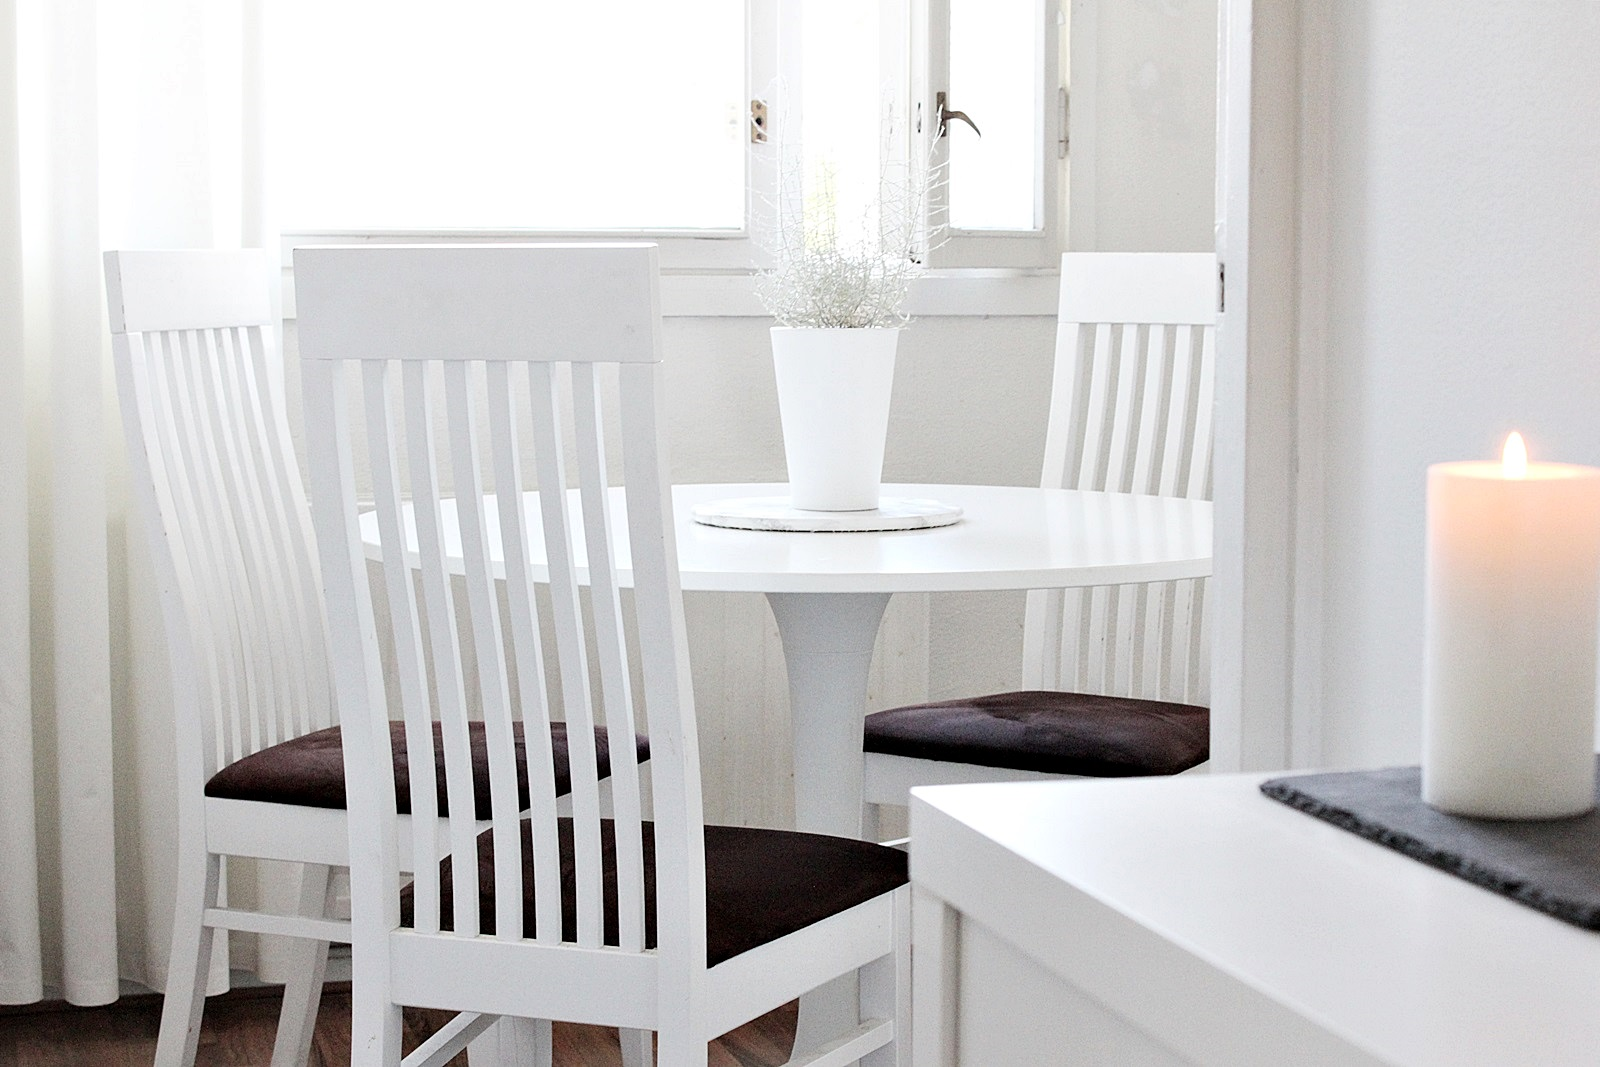 Ikea docksta round table pyöreä pöytä